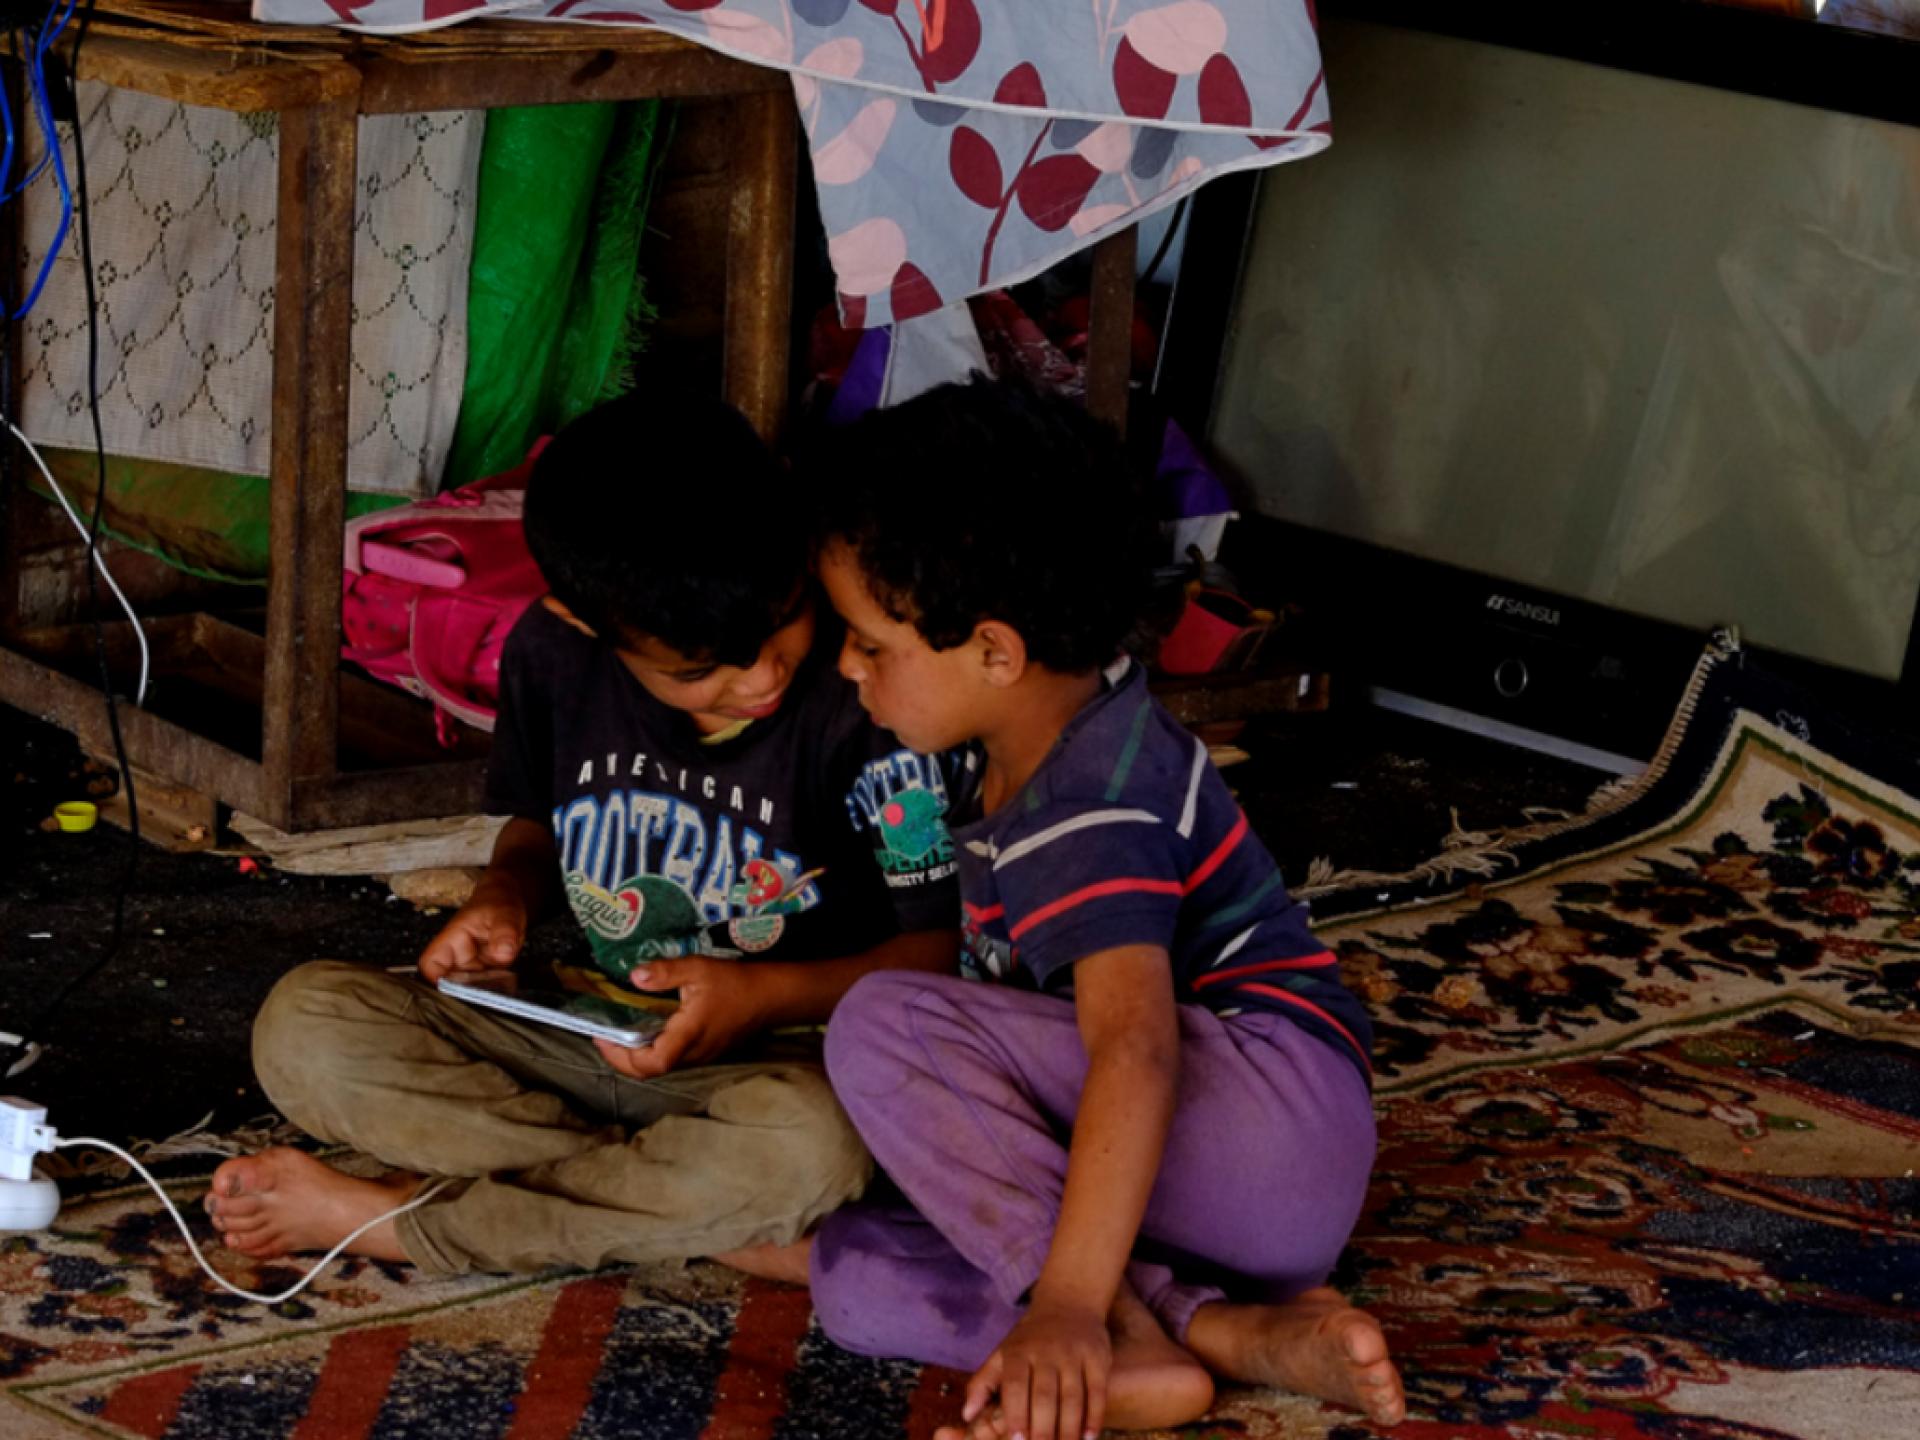 בצילום רואים שניים מילדי המשפחה שקועים במשחק בטבלט